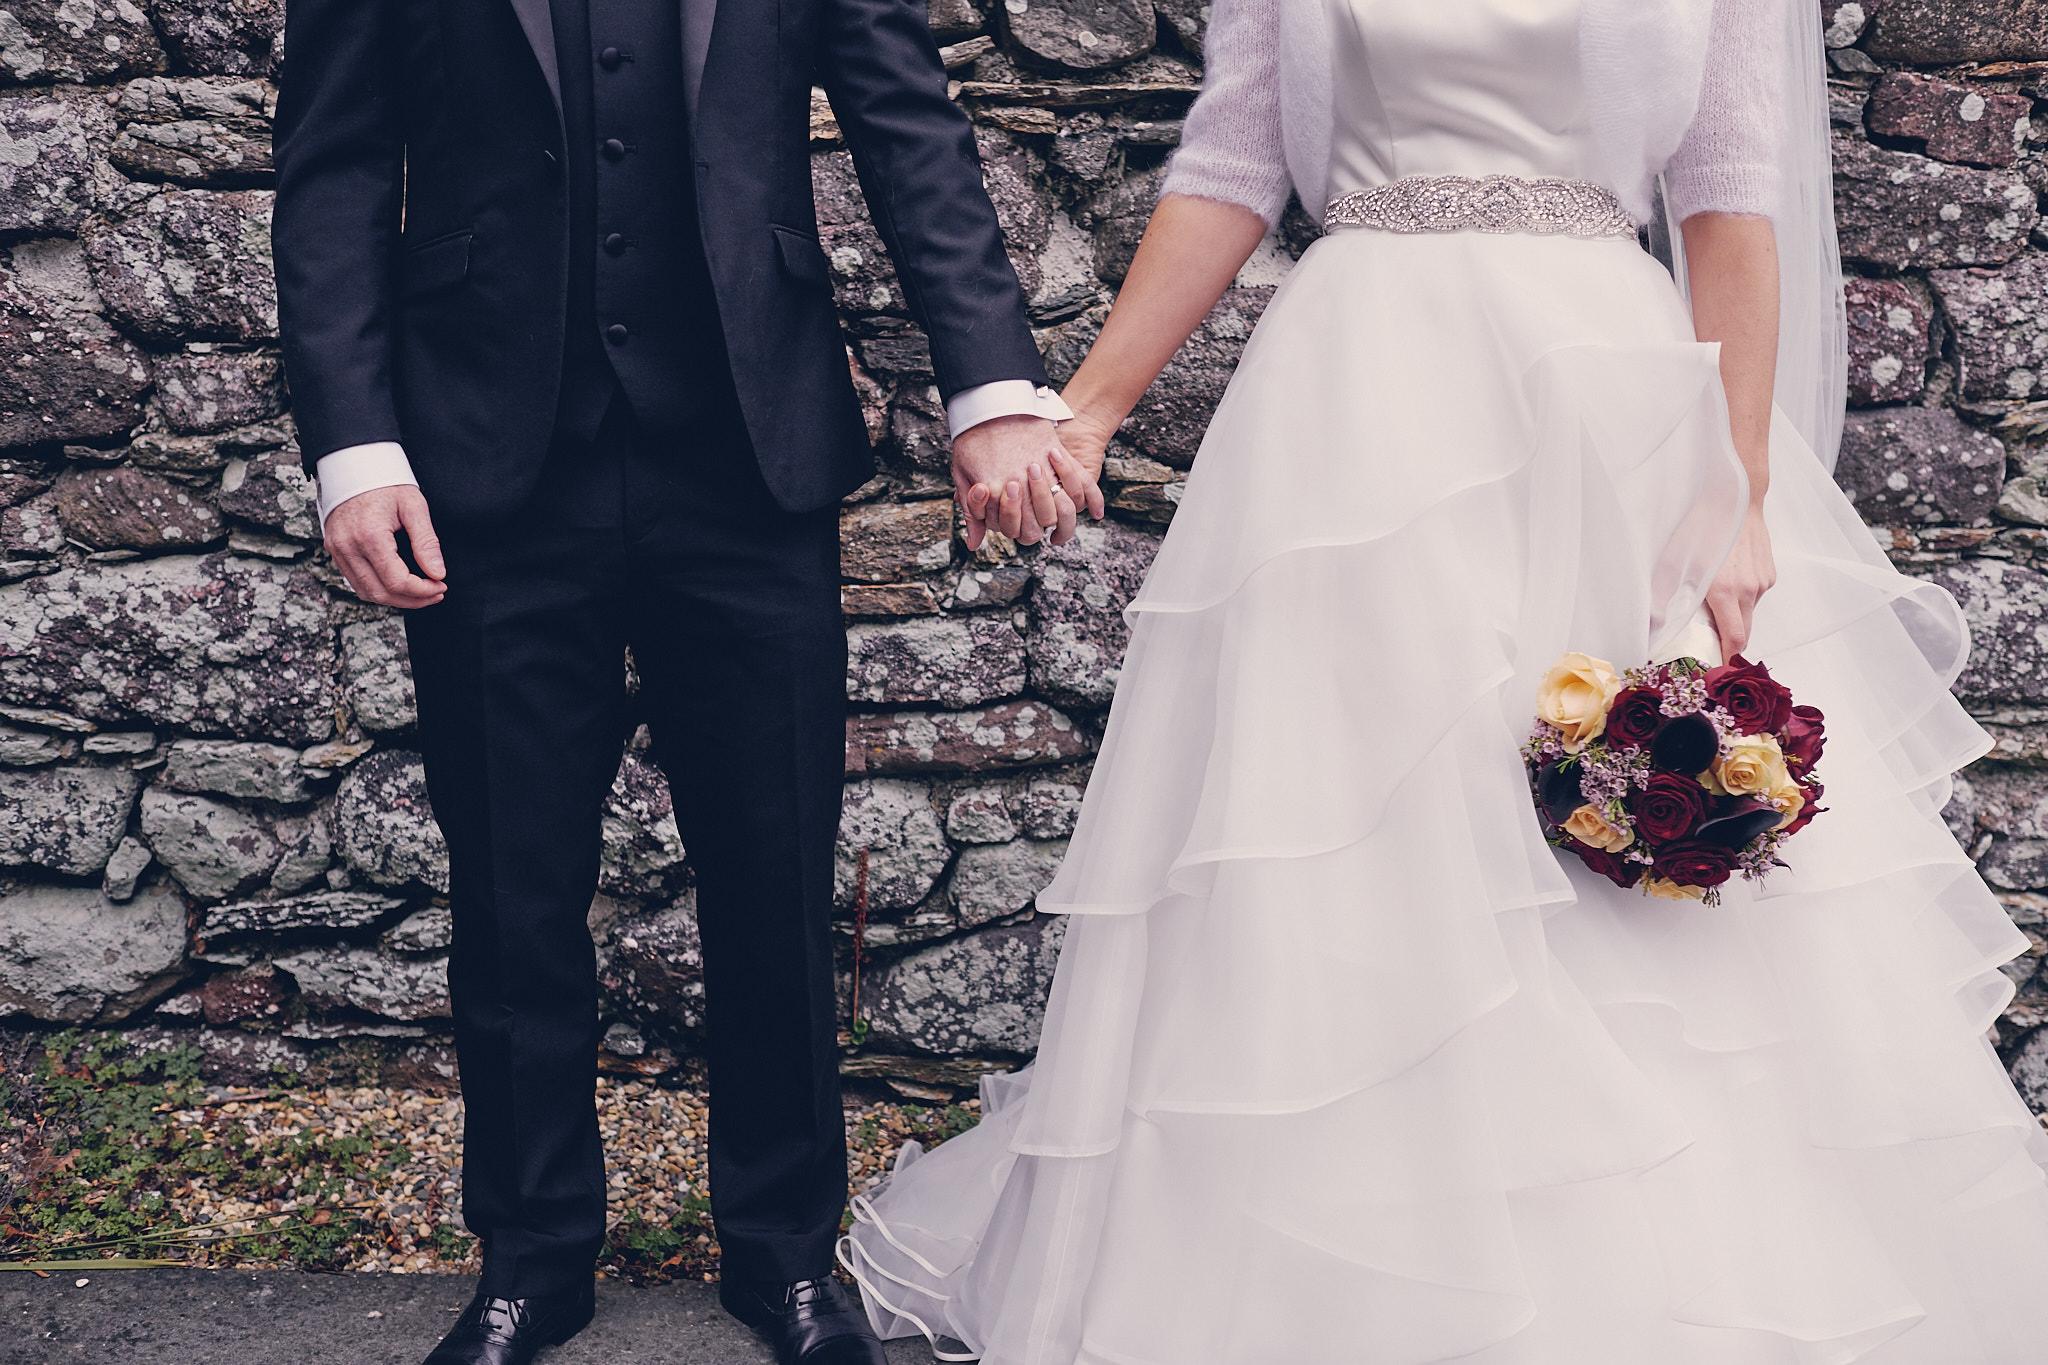 bruidsfotografie-bruifdsfotograaf-ierland-dublin-destination-trouwshoot_55.jpg